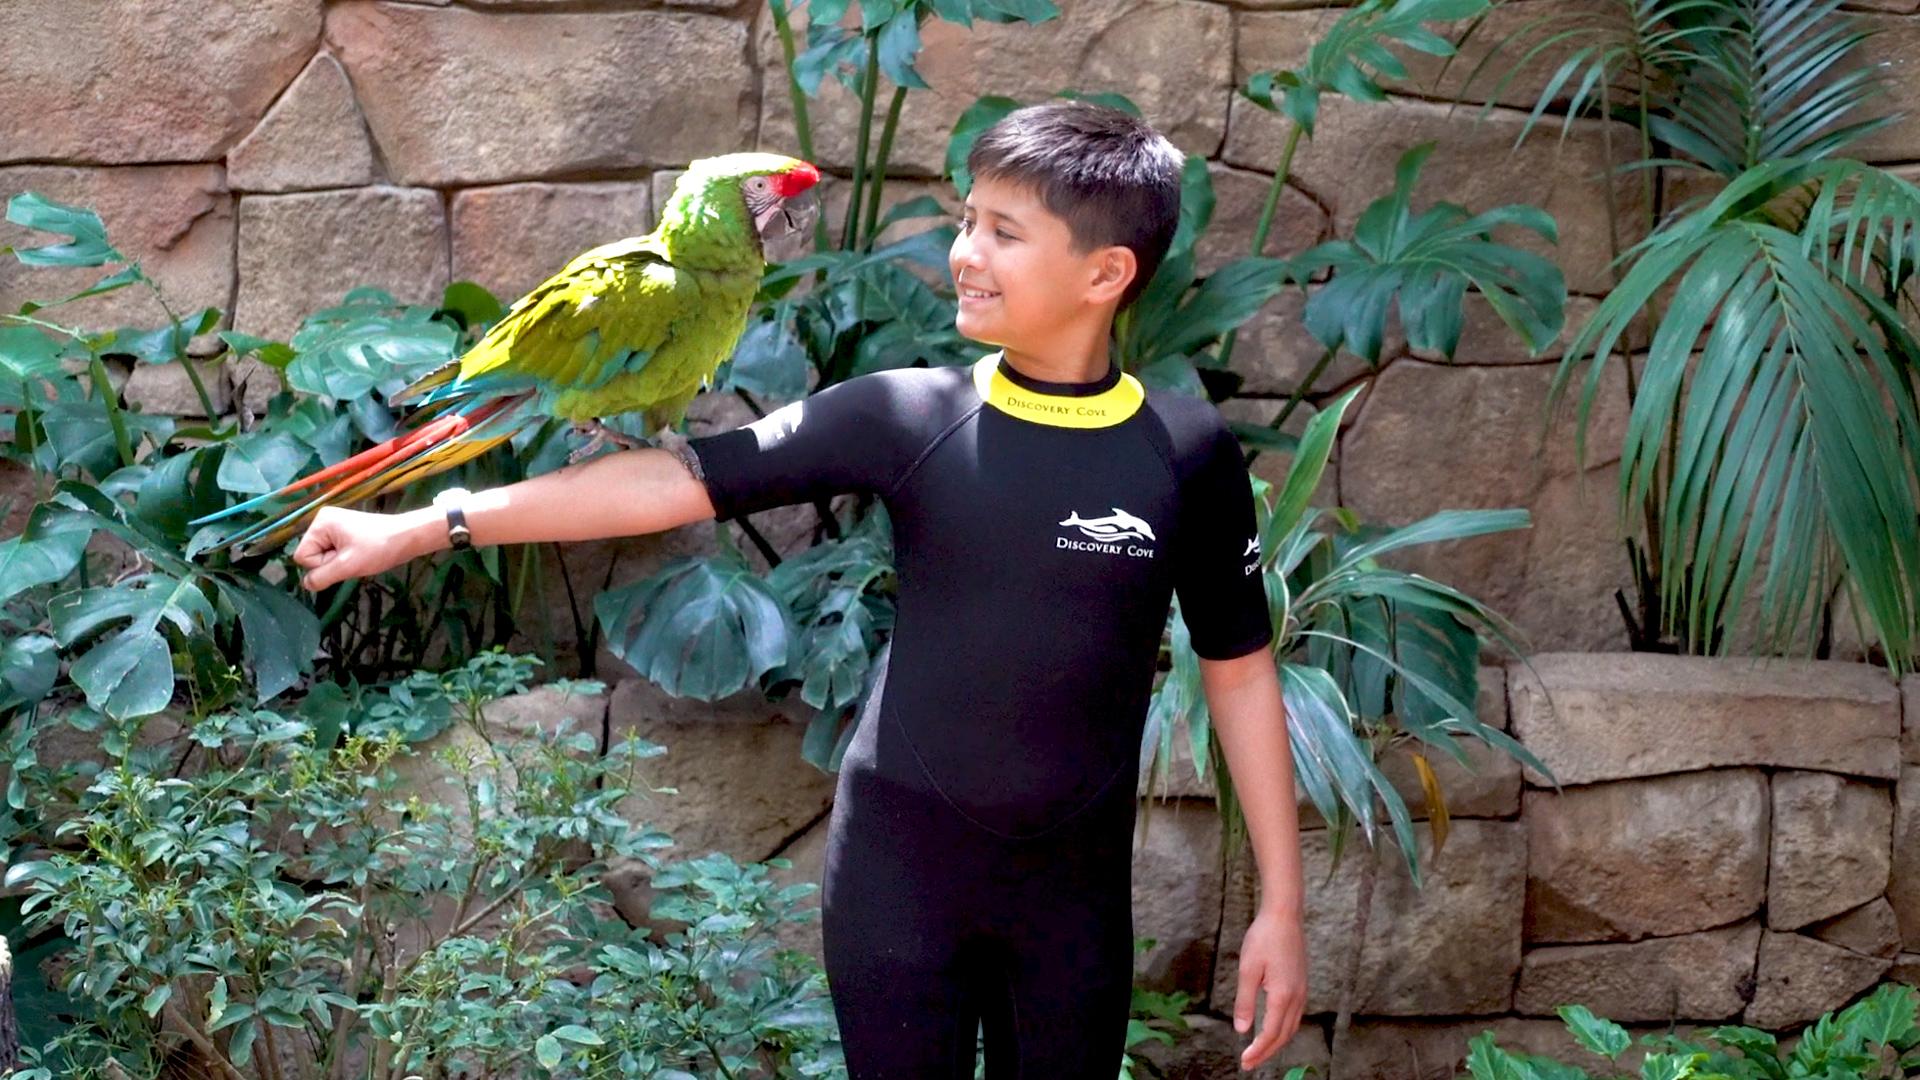 Atração com aves no parque Discovery Cove em Orlando